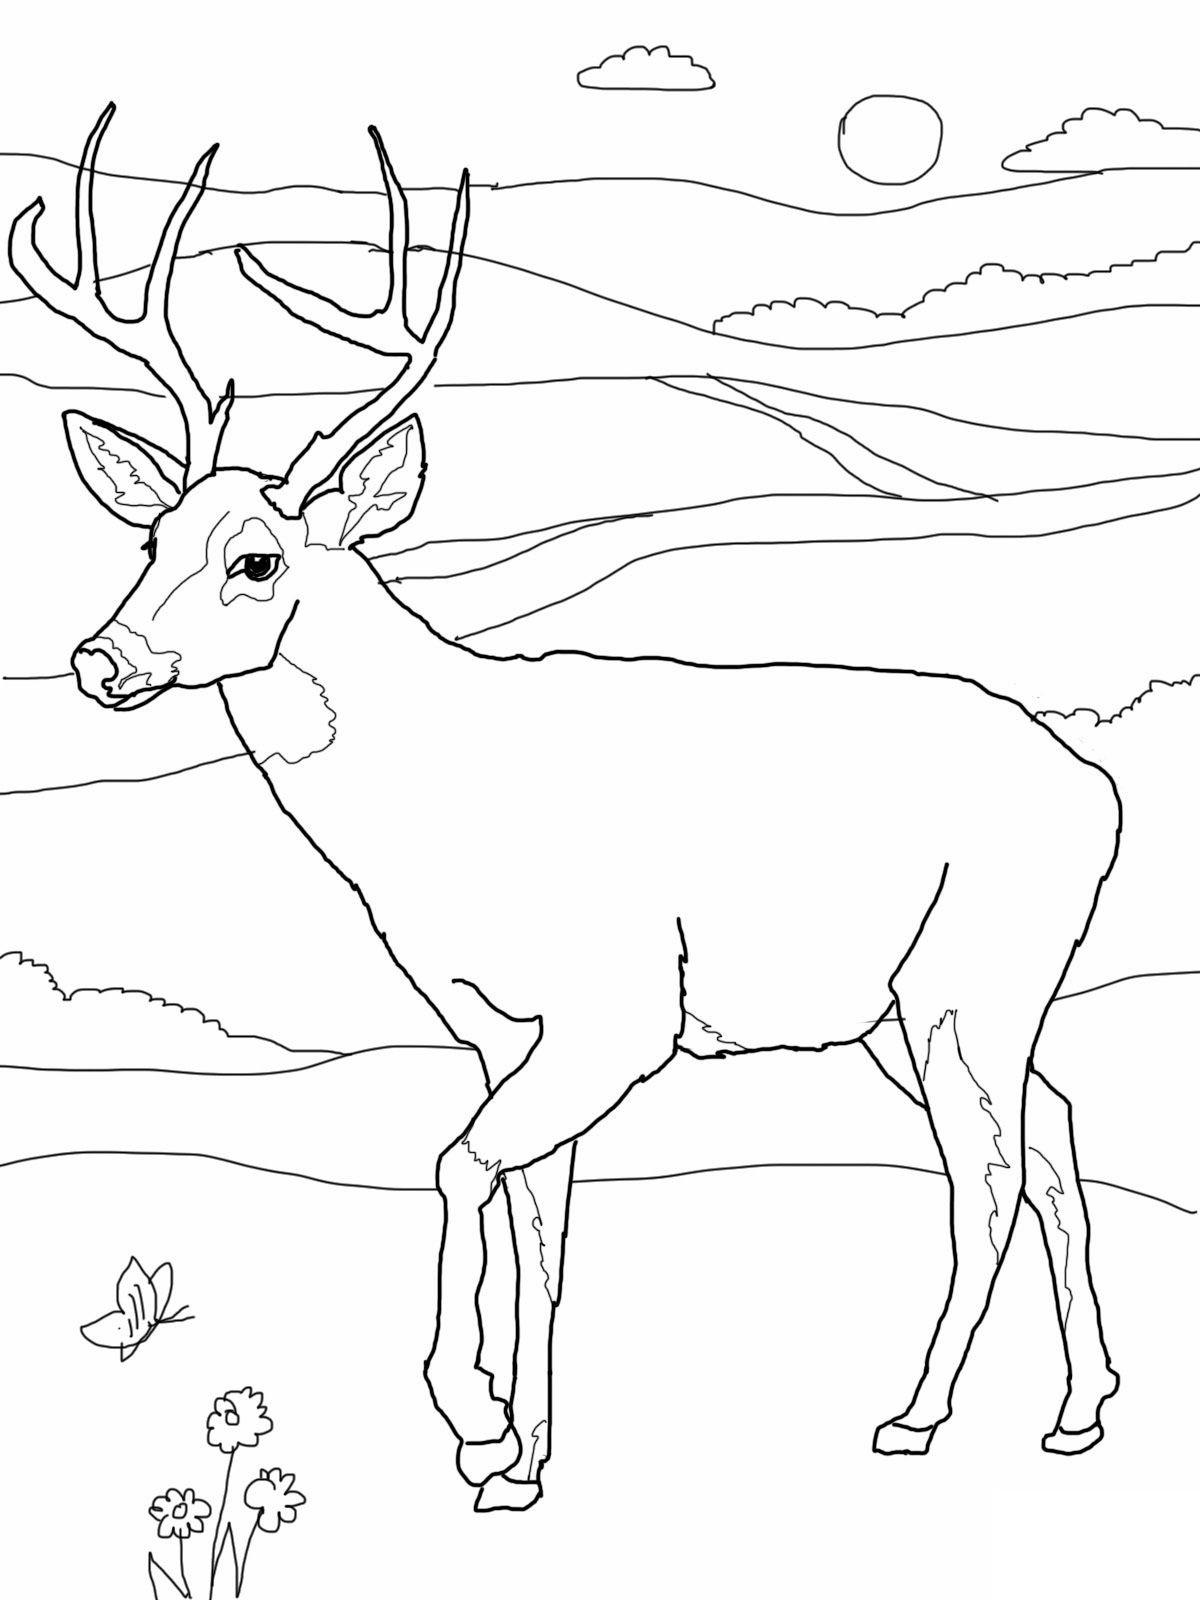 Free Printable Deer Coloring Pages For Kids | Deer hunting, Felt ...